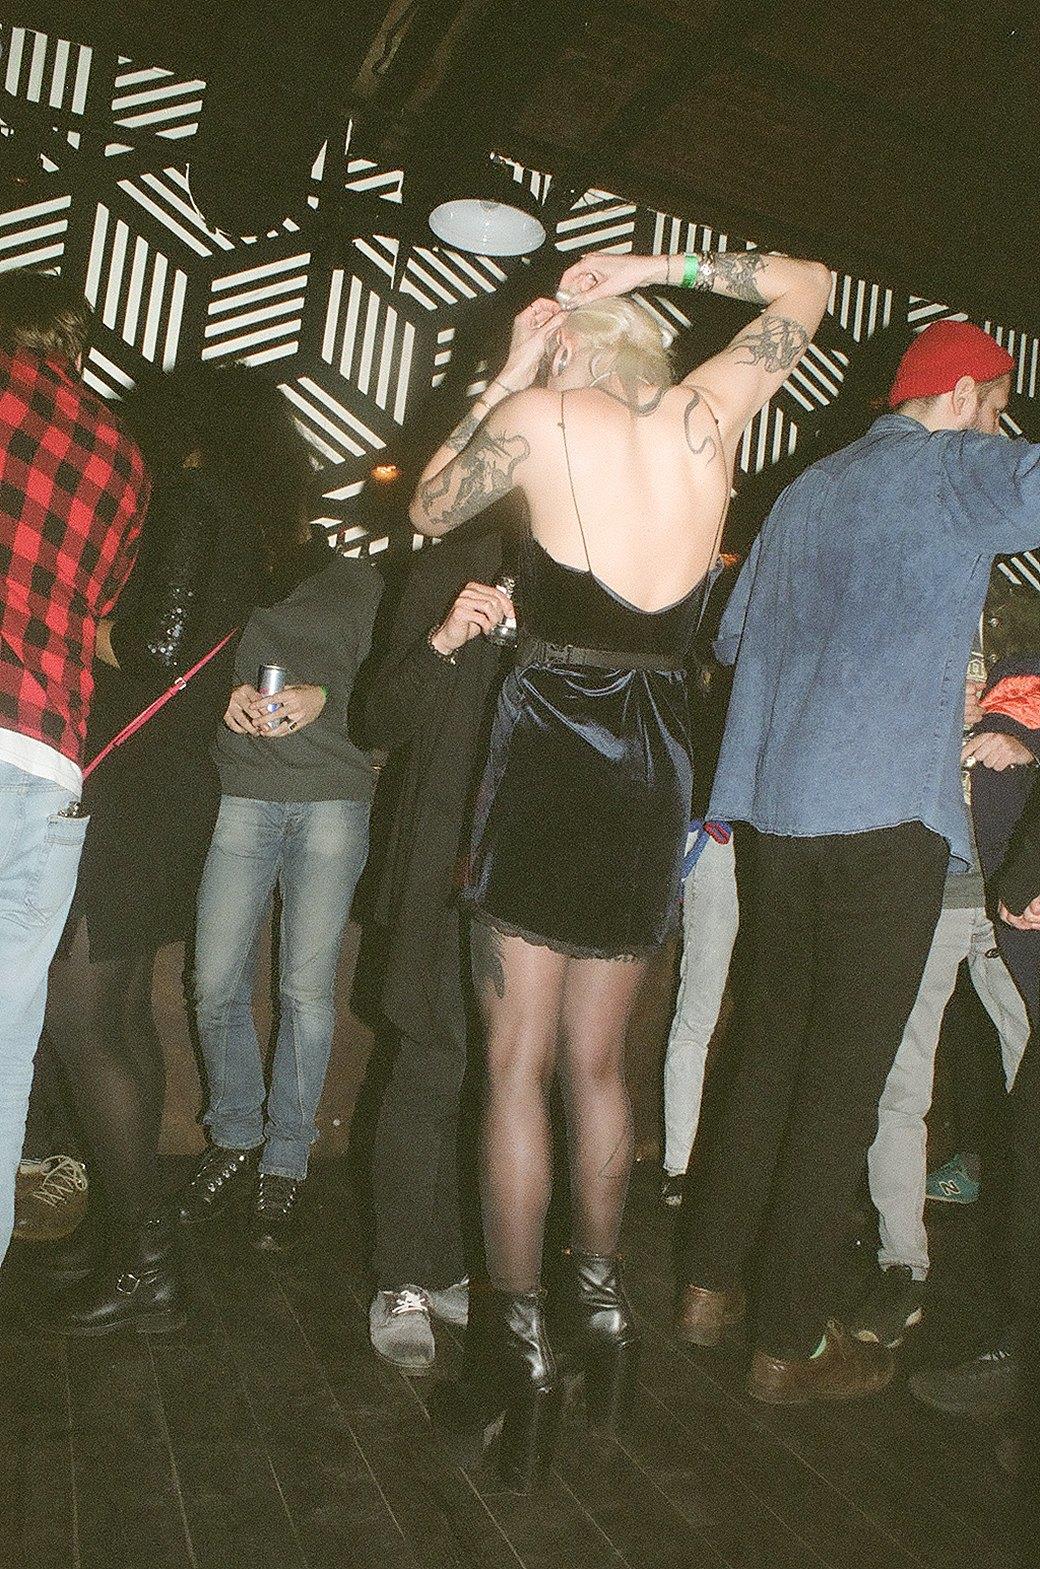 Фоторепортаж: Техно-зомби, модники и люди в чёрном на рейве Body. Изображение № 8.